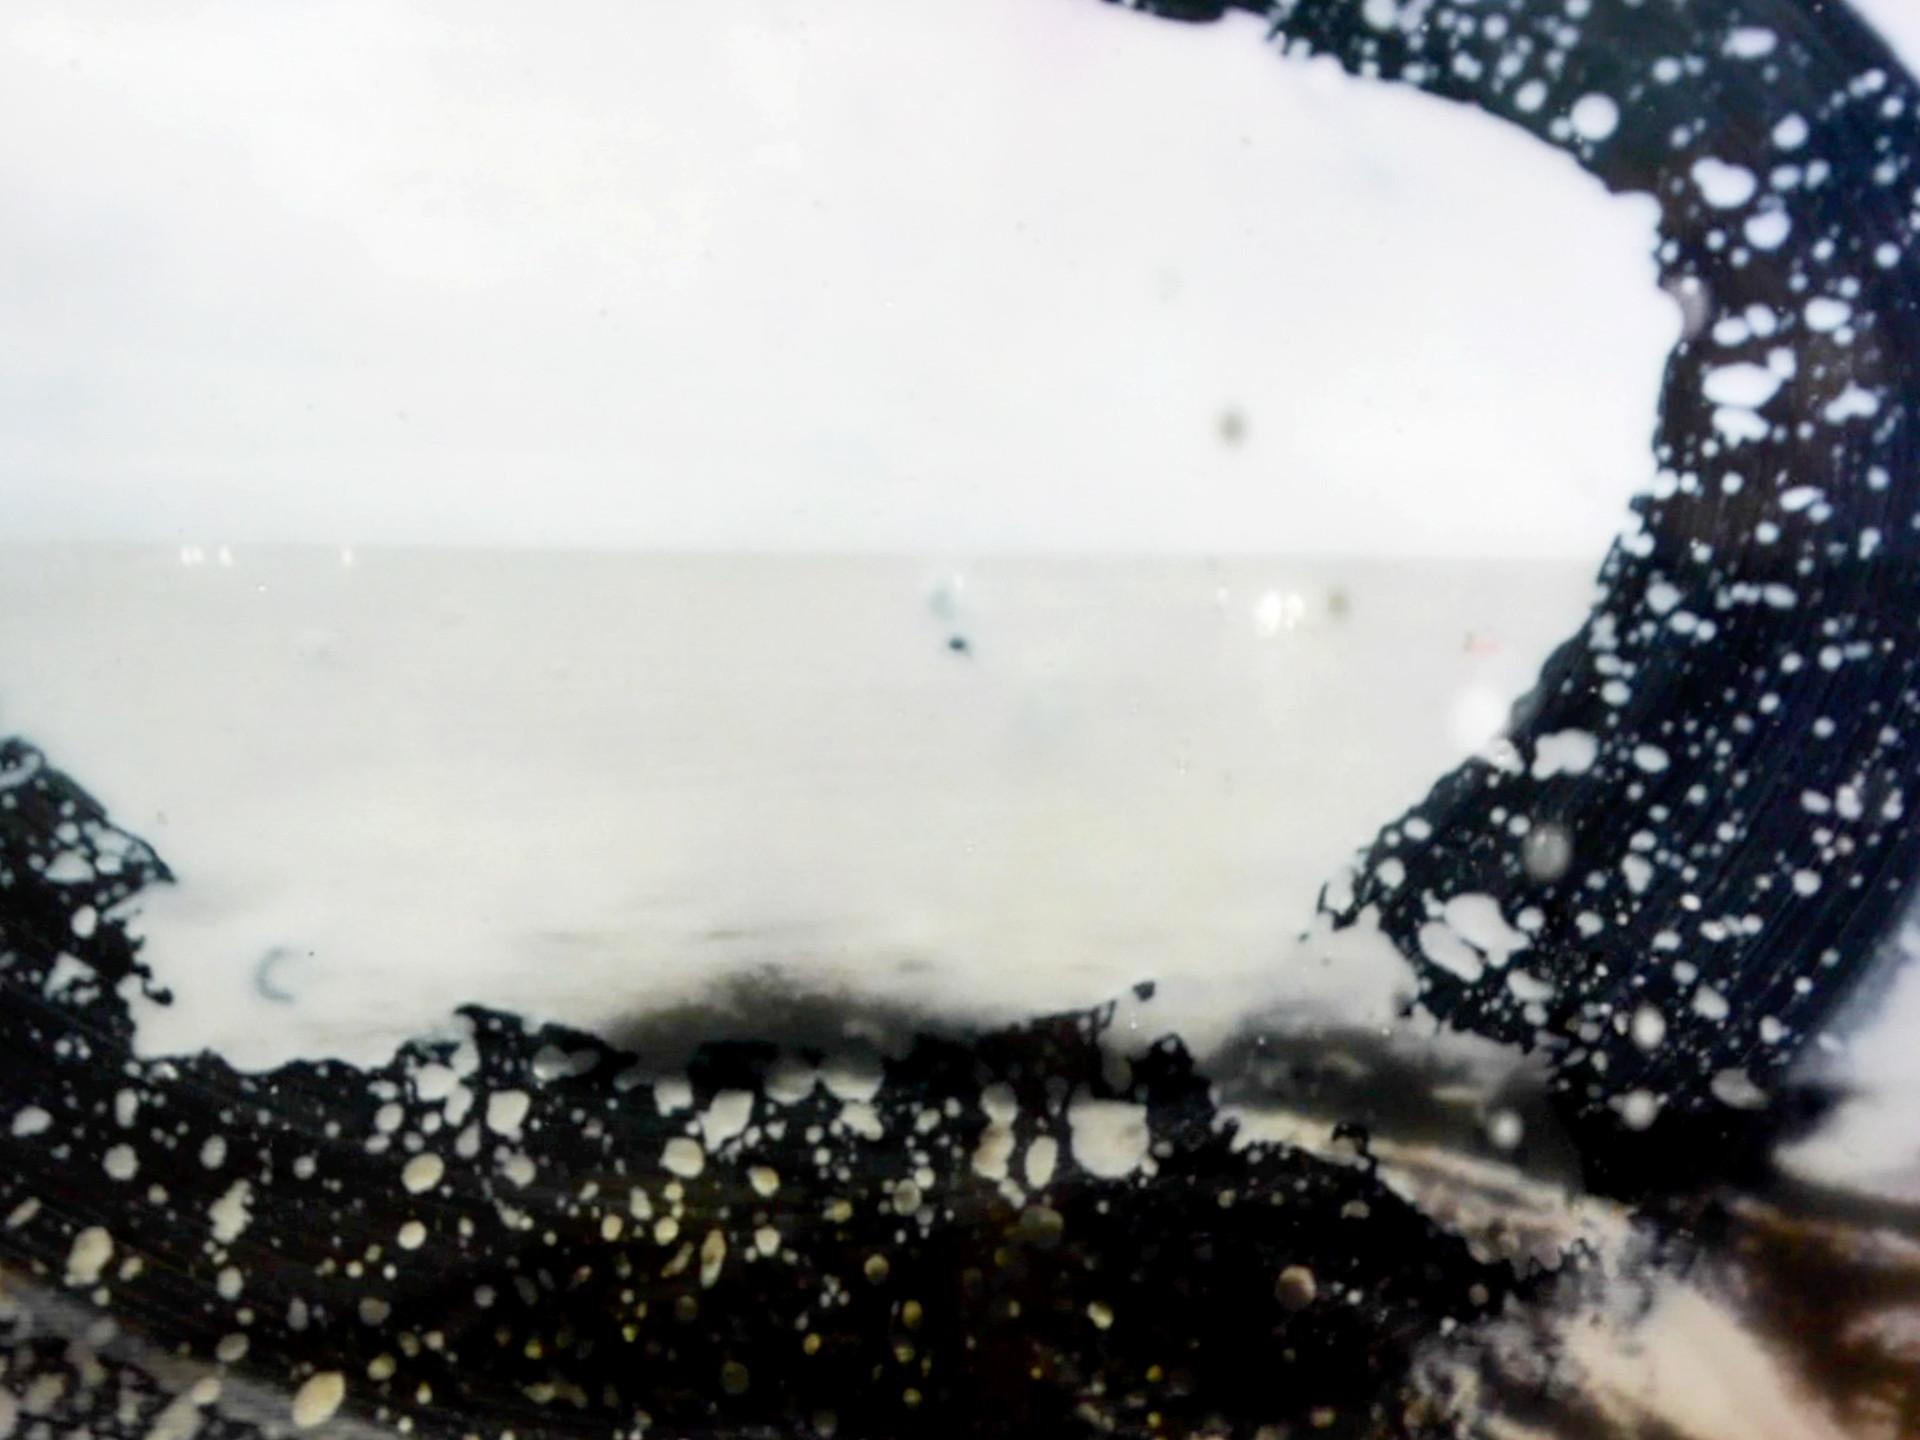 Wobbling in a milky sea